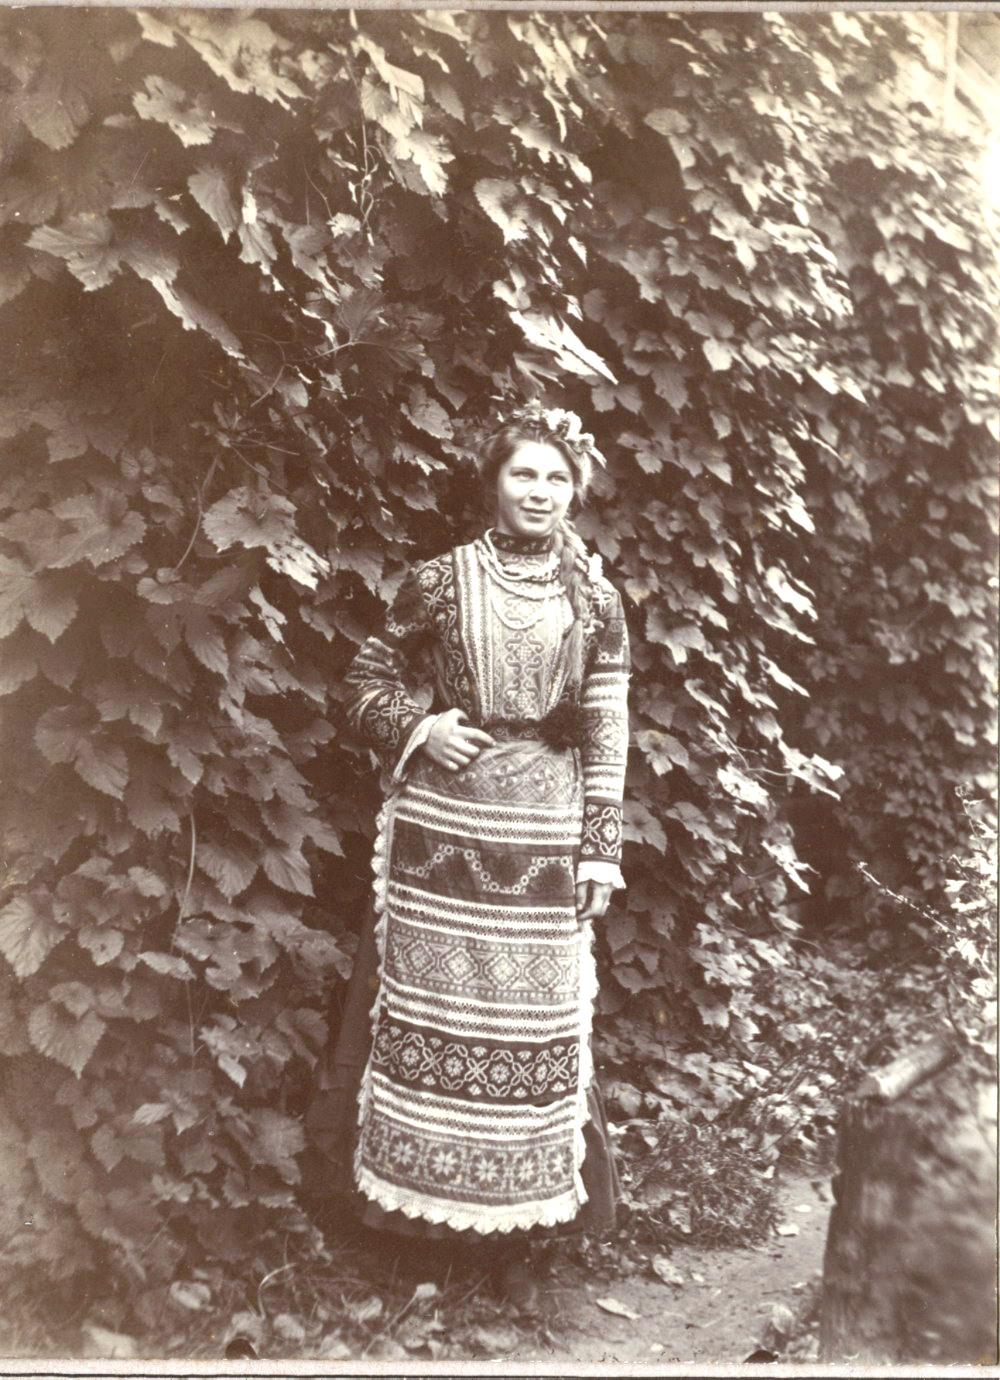 Дочь Валерия в народном костюме во дворе дома.1903